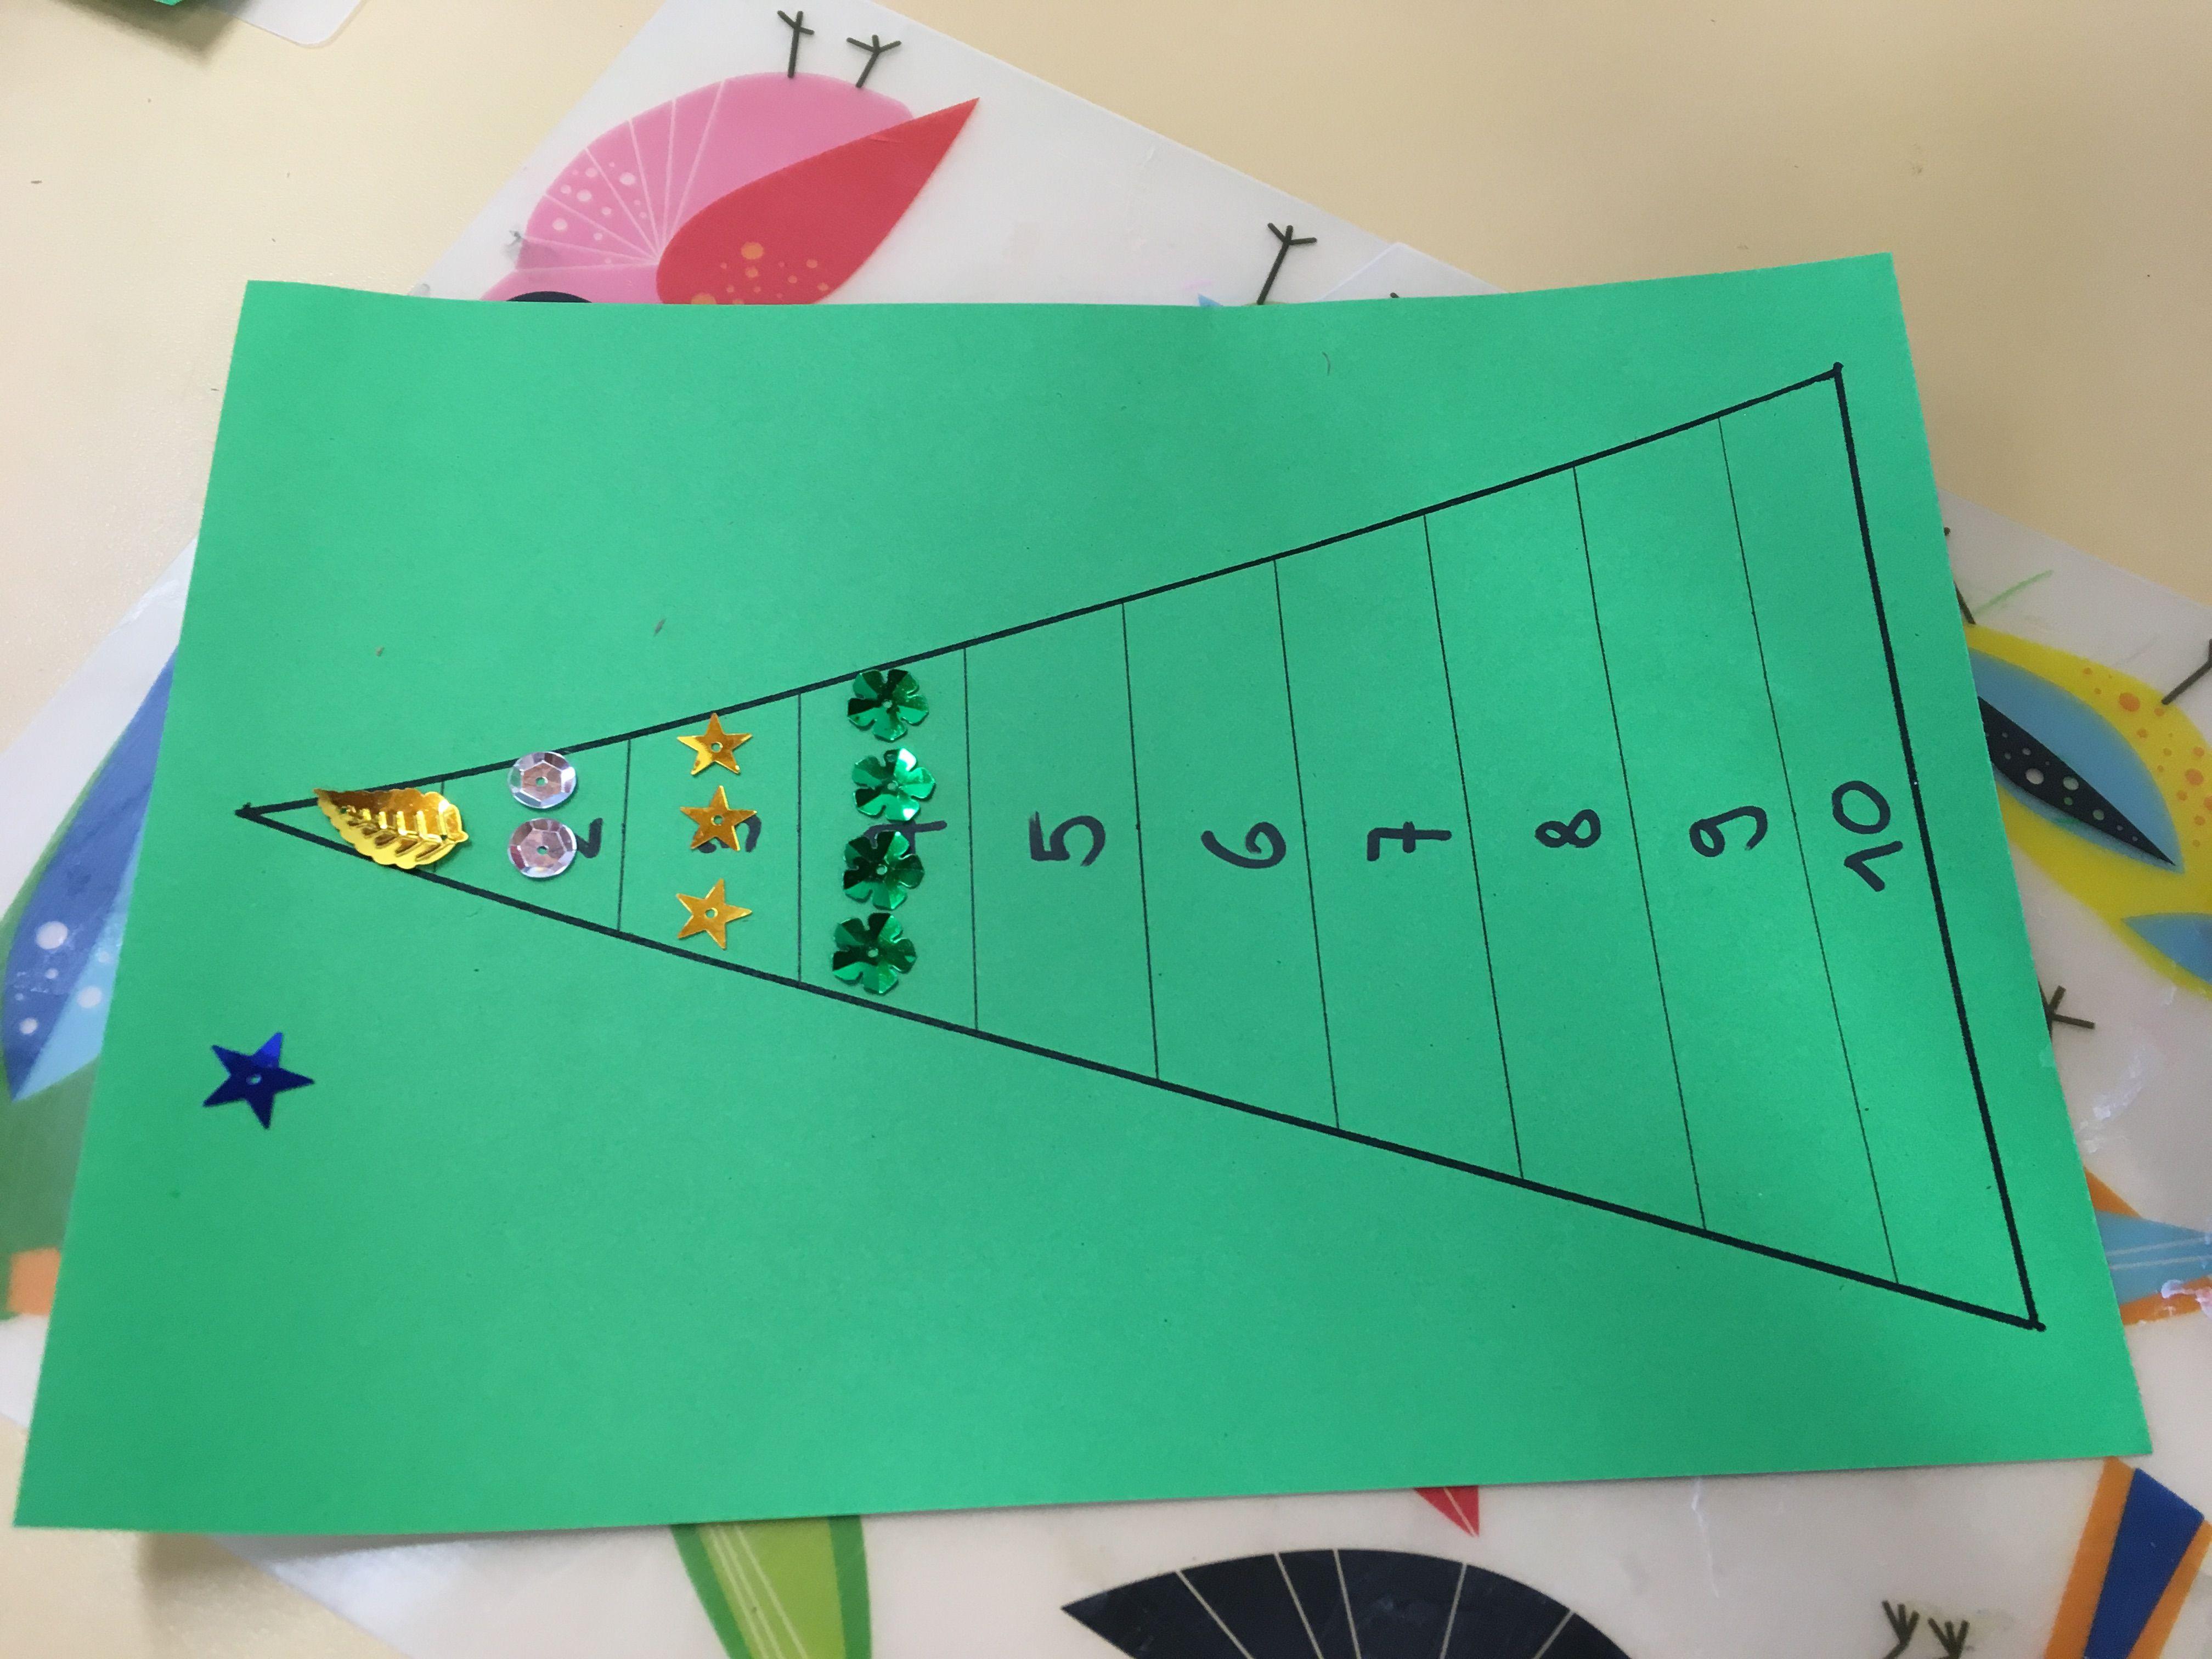 arbeitsblatt tannenbaum sortieren und zählen 1-10 | chindsgi | Pinterest